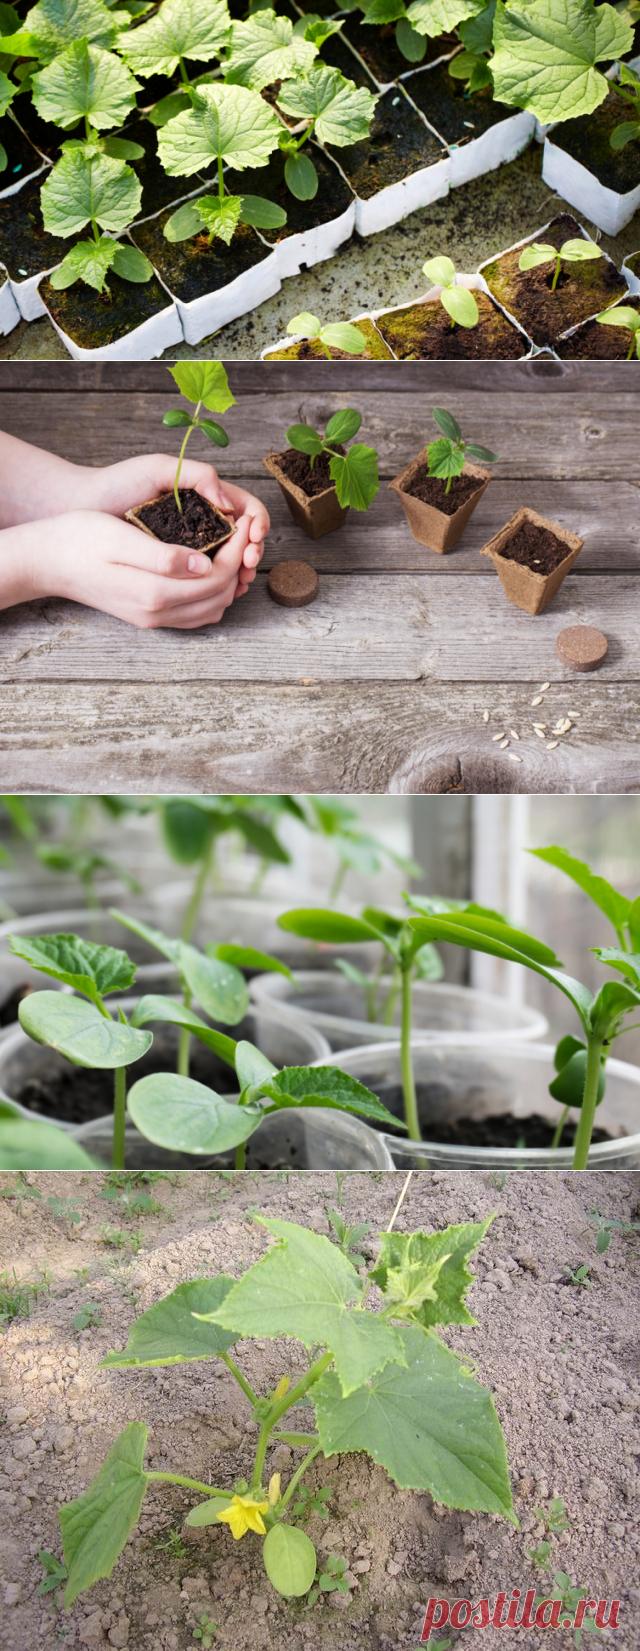 Как вырастить рассаду огурцов? | Растения